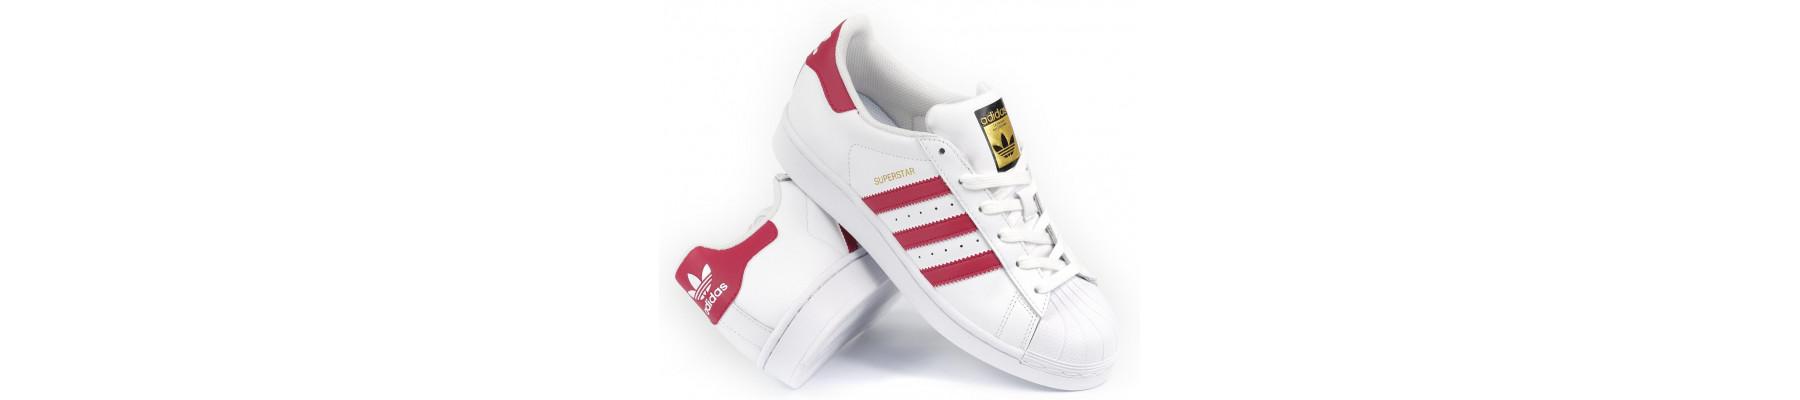 Adidas Superstar WhitePink